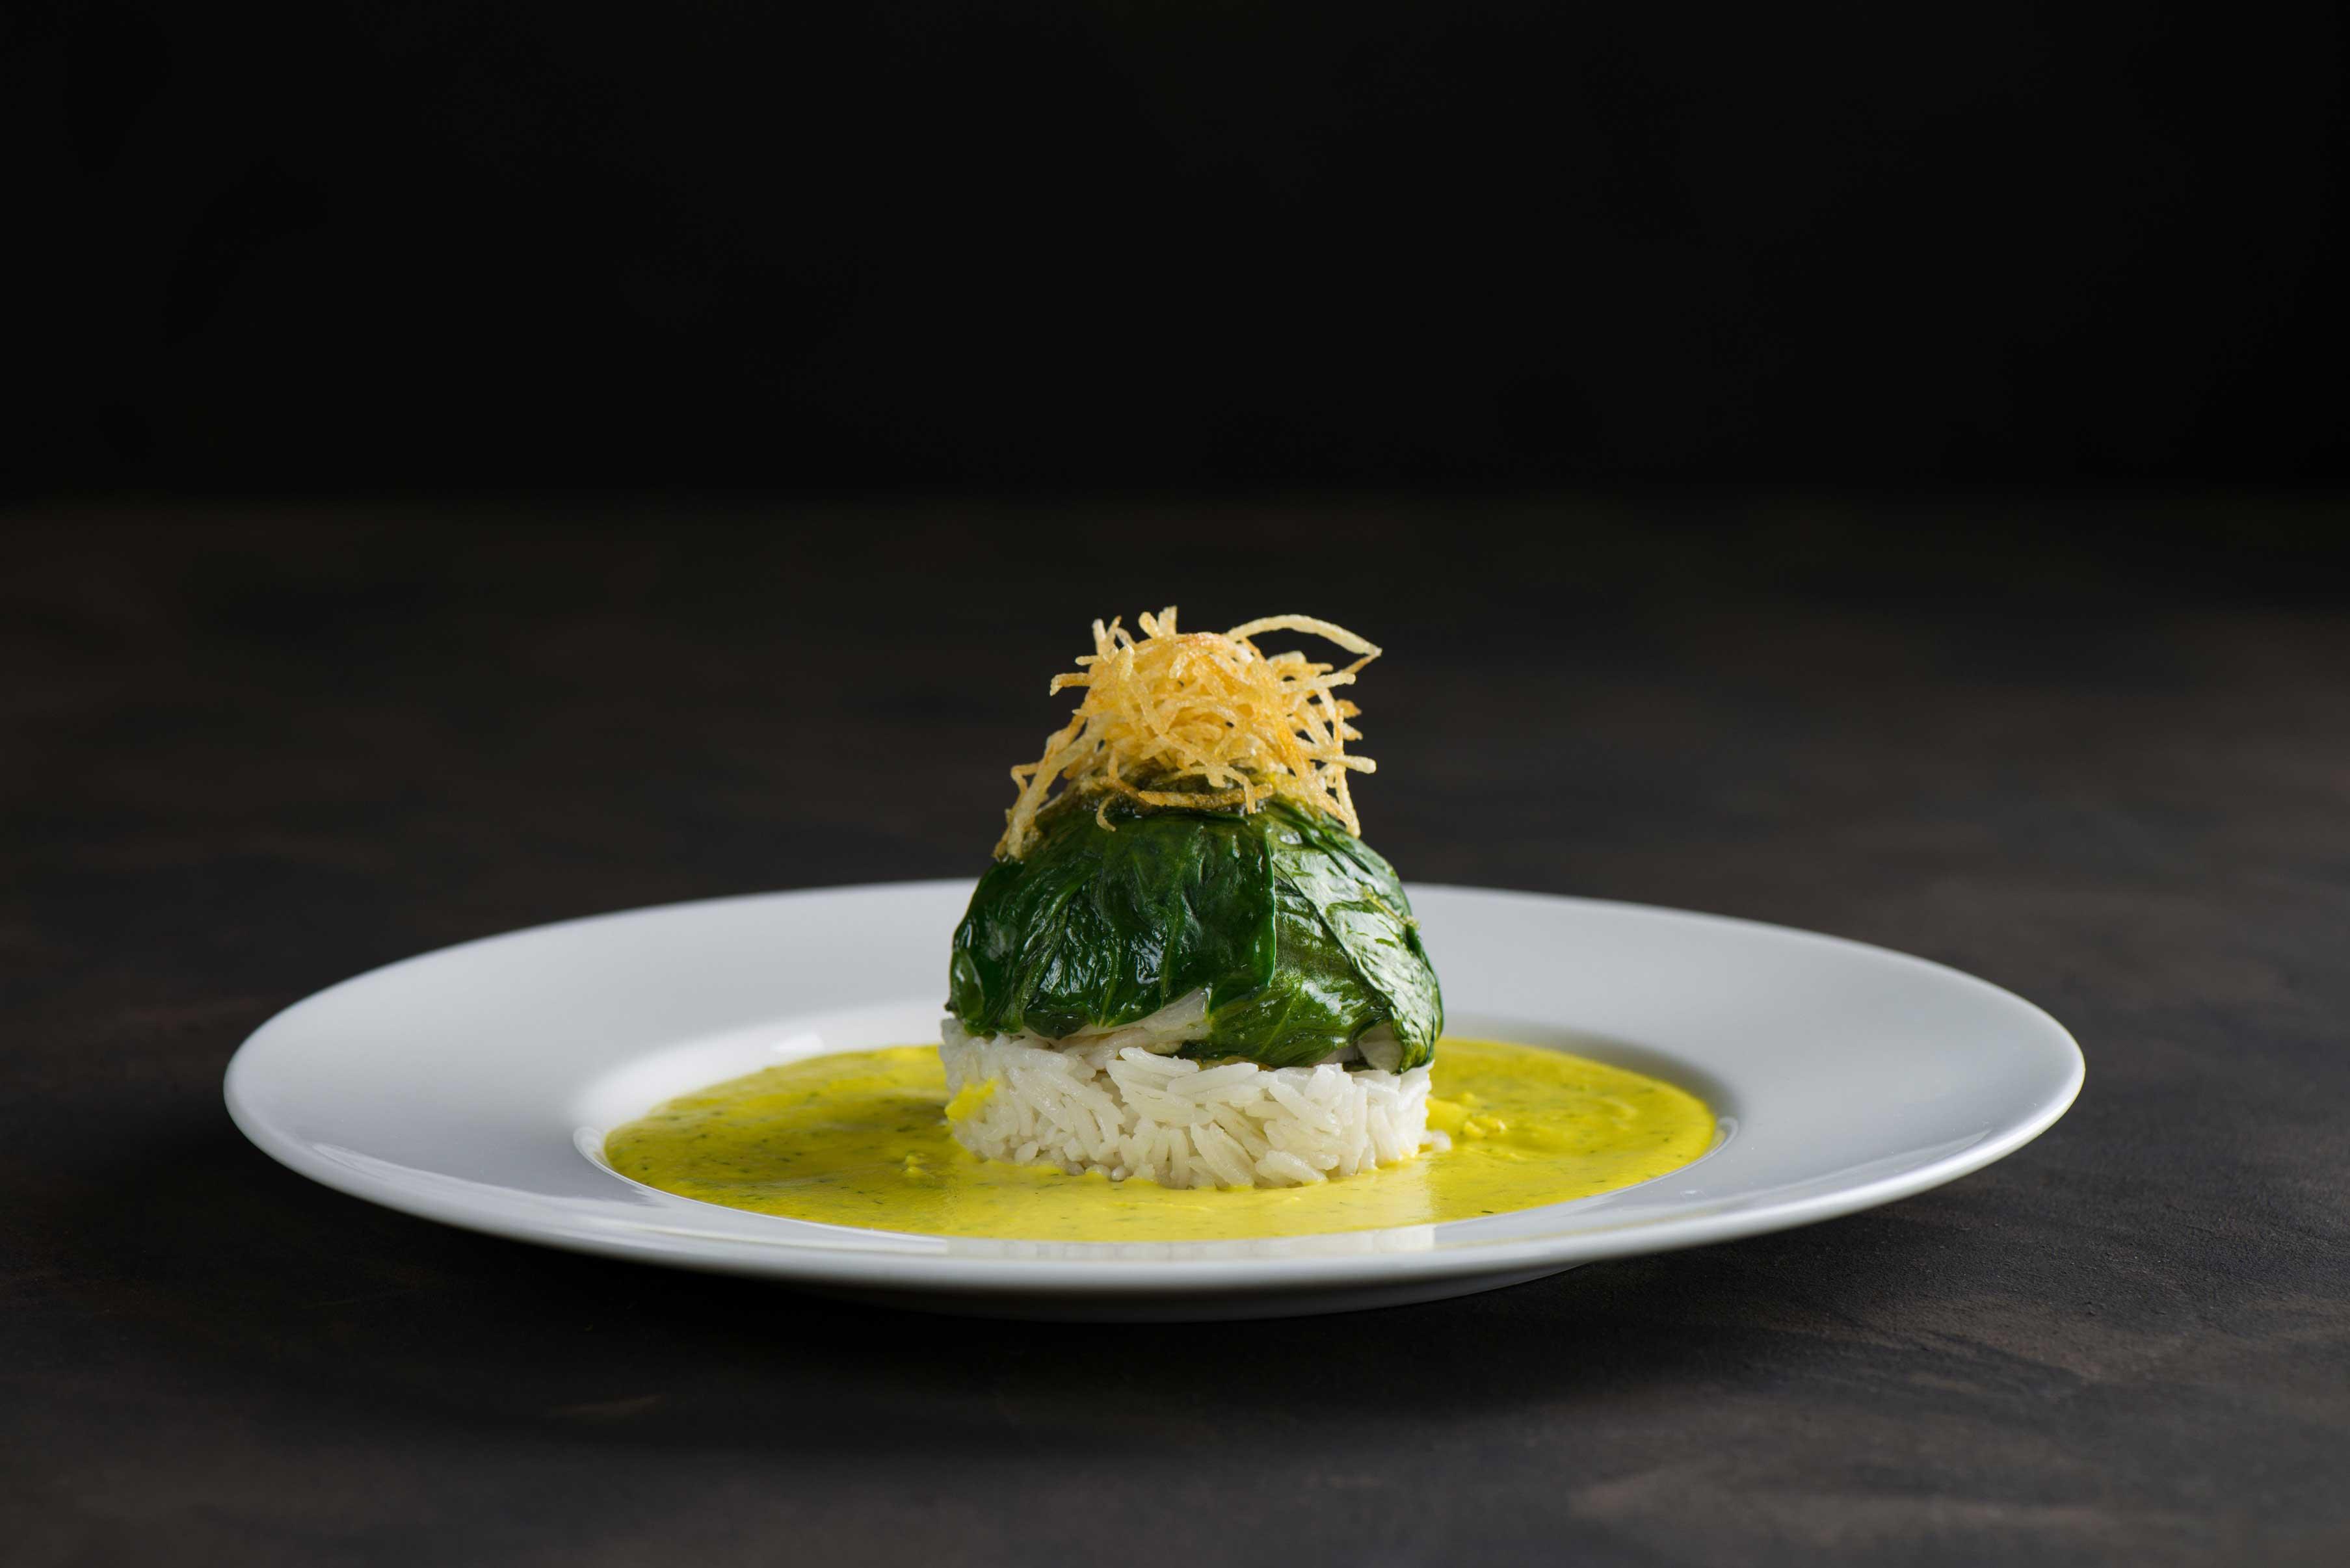 Филе-палтуса-со-шпинатом,-фаршированное-томатами-и-зеленью-с-пармезаном